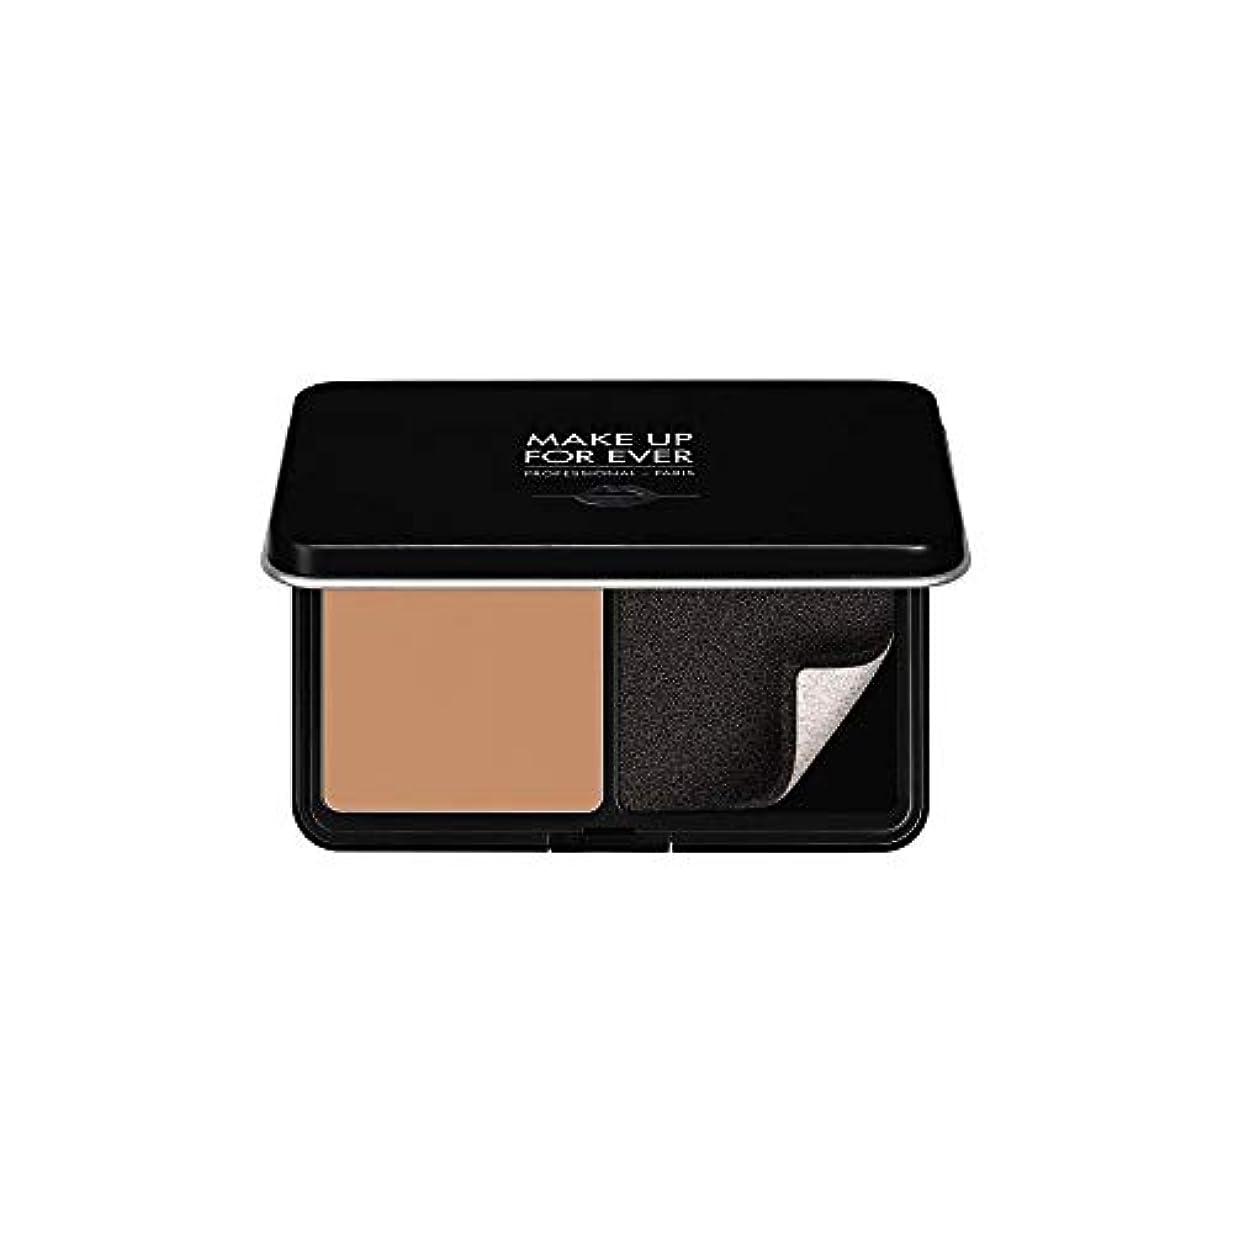 合併追う匿名メイクアップフォーエバー Matte Velvet Skin Blurring Powder Foundation - # R410 (Golden Beige) 11g/0.38oz並行輸入品